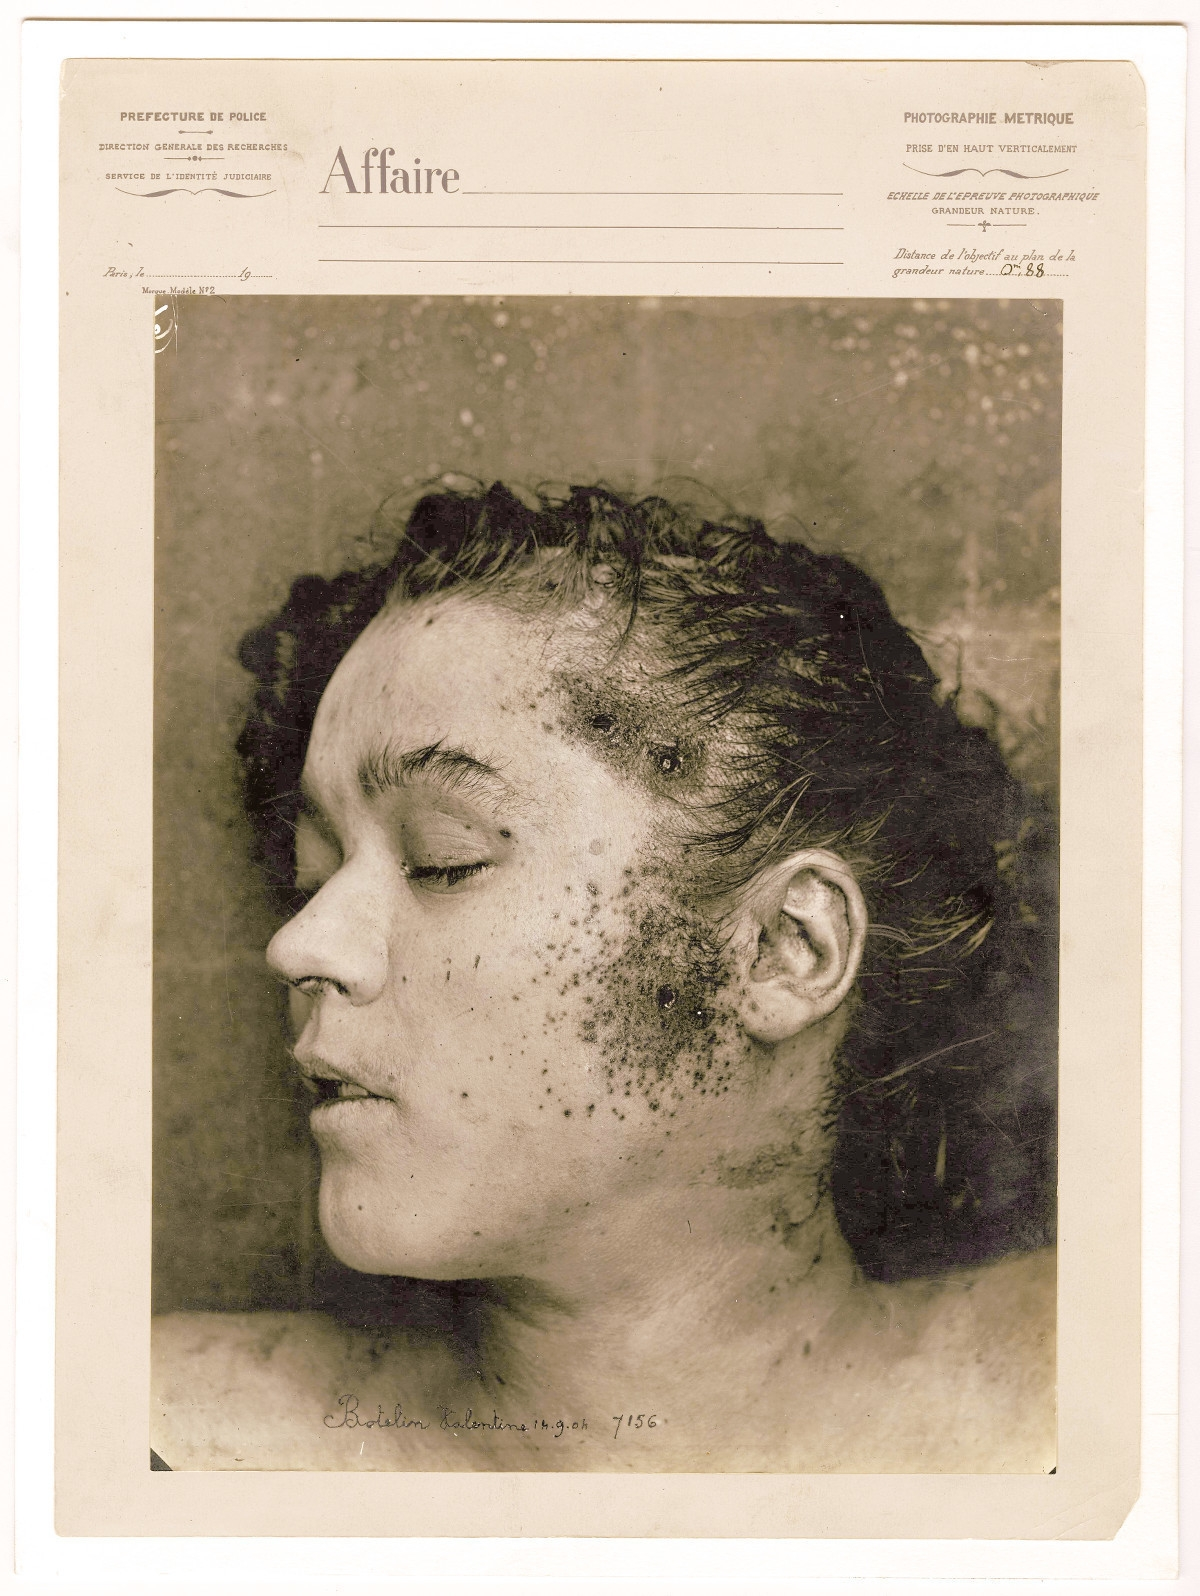 Valentine Botelin após a autópsia, em 14 de setembro de 1904. Com a cabeça e o cabelo limpos, é possível observar três perfurações de arma de fogo na têmpora e na face esquerda.